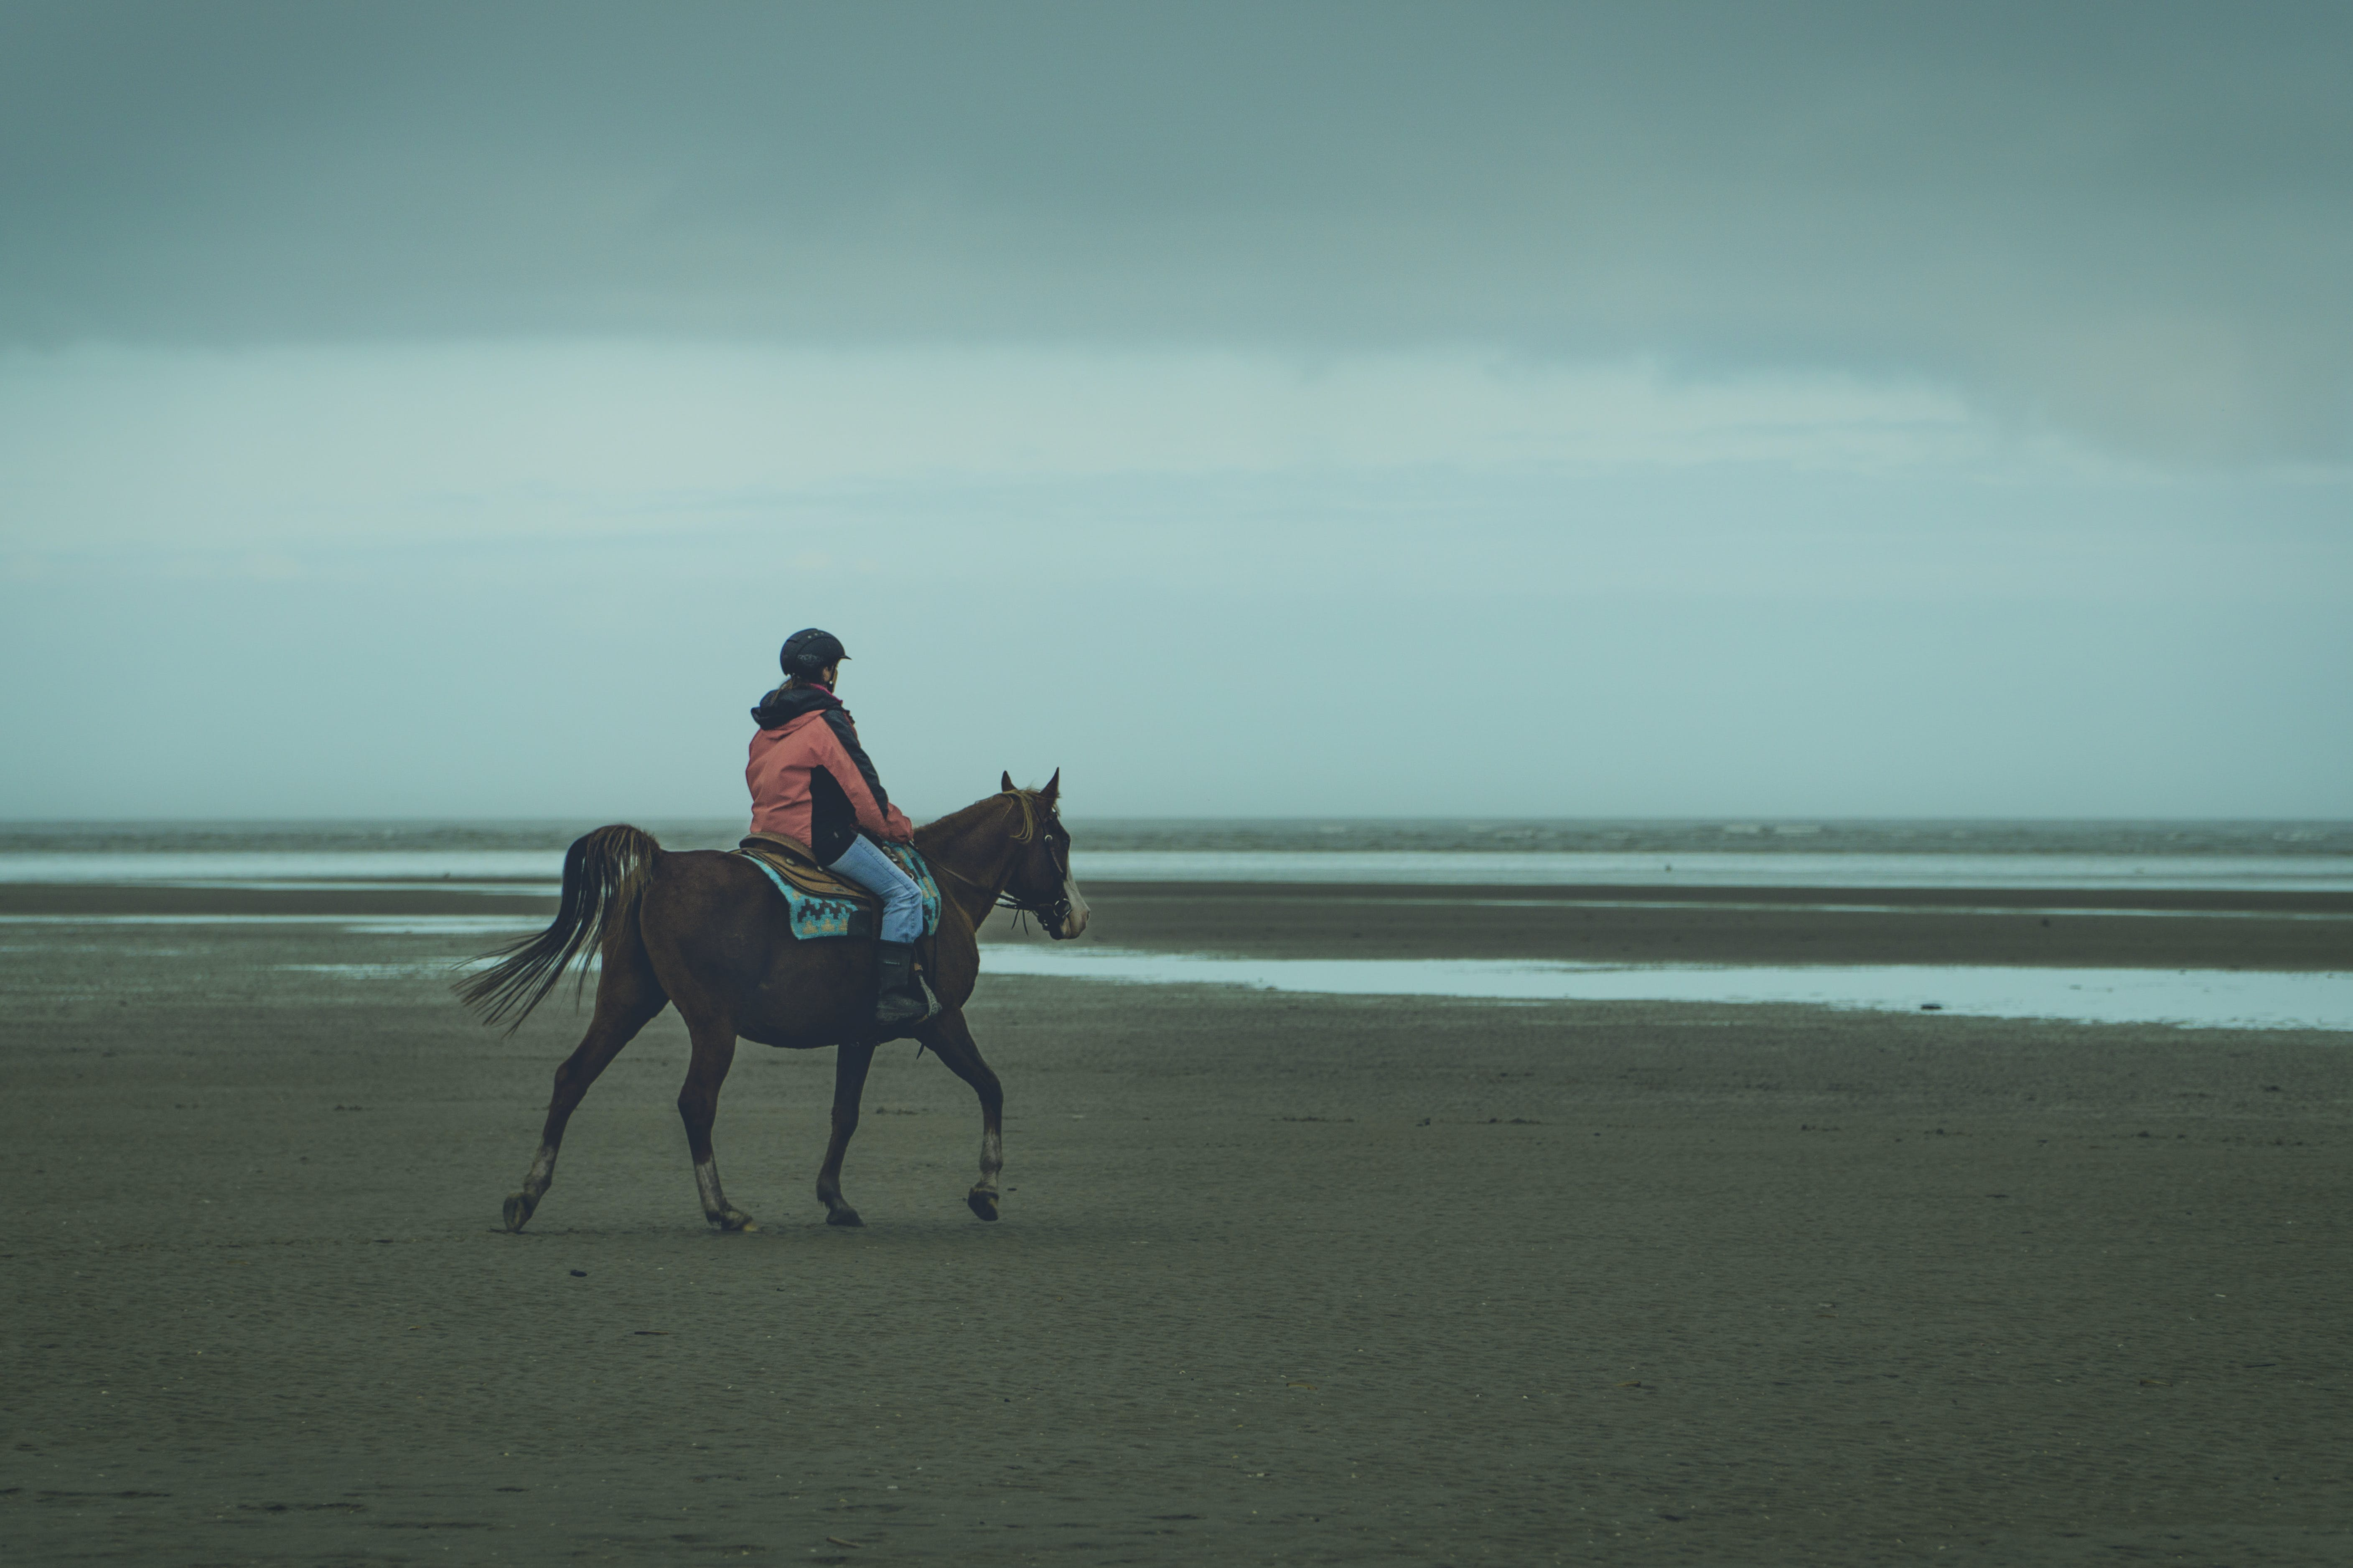 Fotos de stock gratuitas de animal, atracción, caballo, ciclista